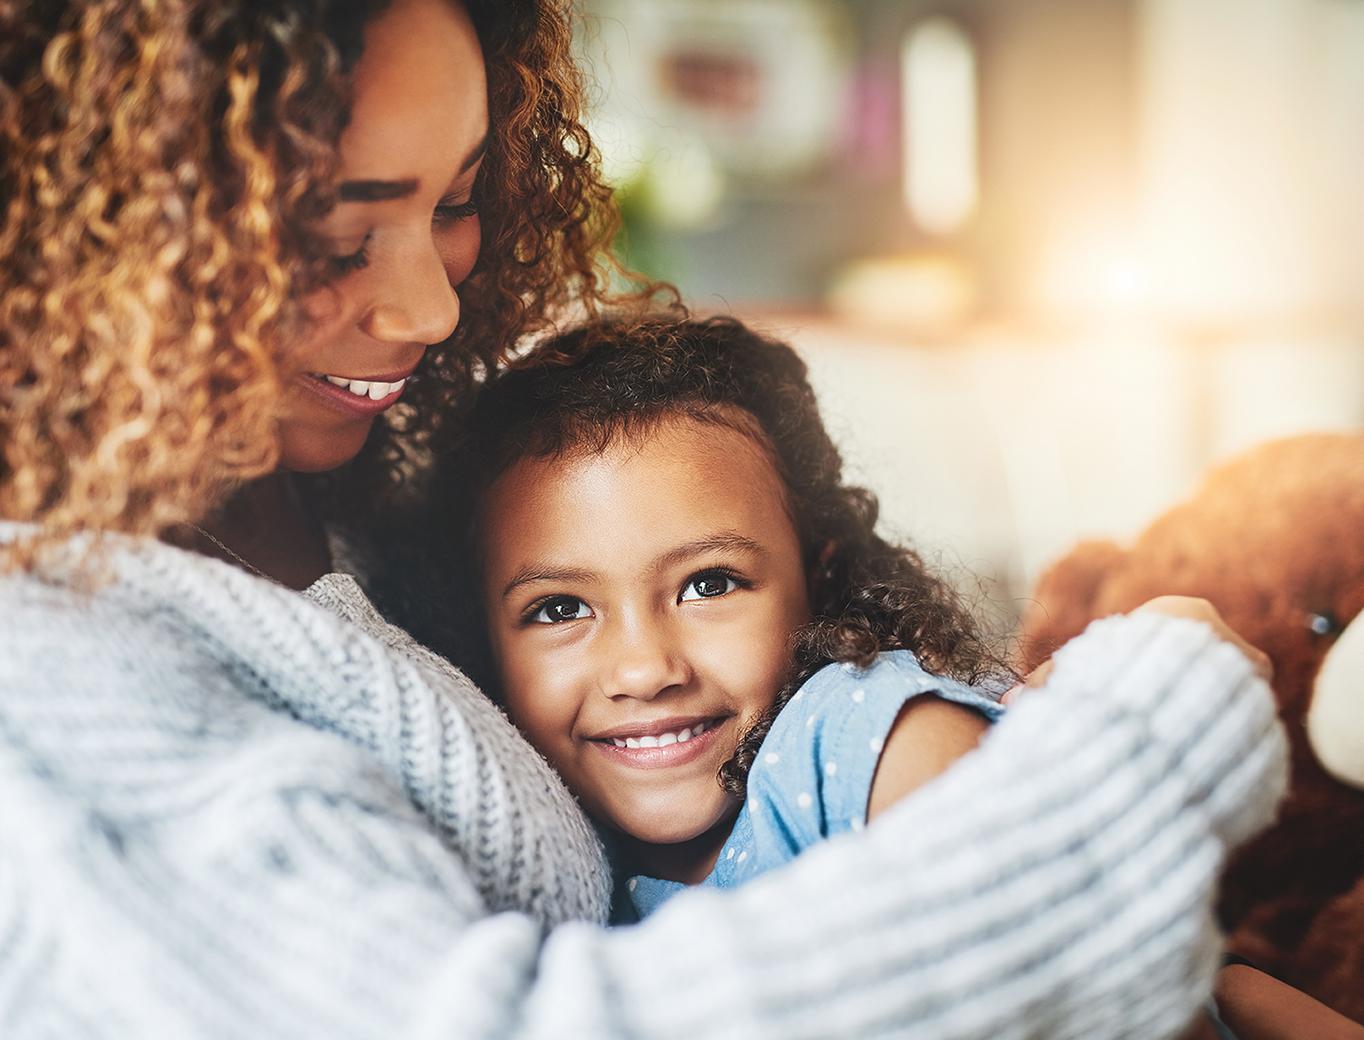 Hình ảnh trẻ em đứa bé tựa vào lòng mẹ